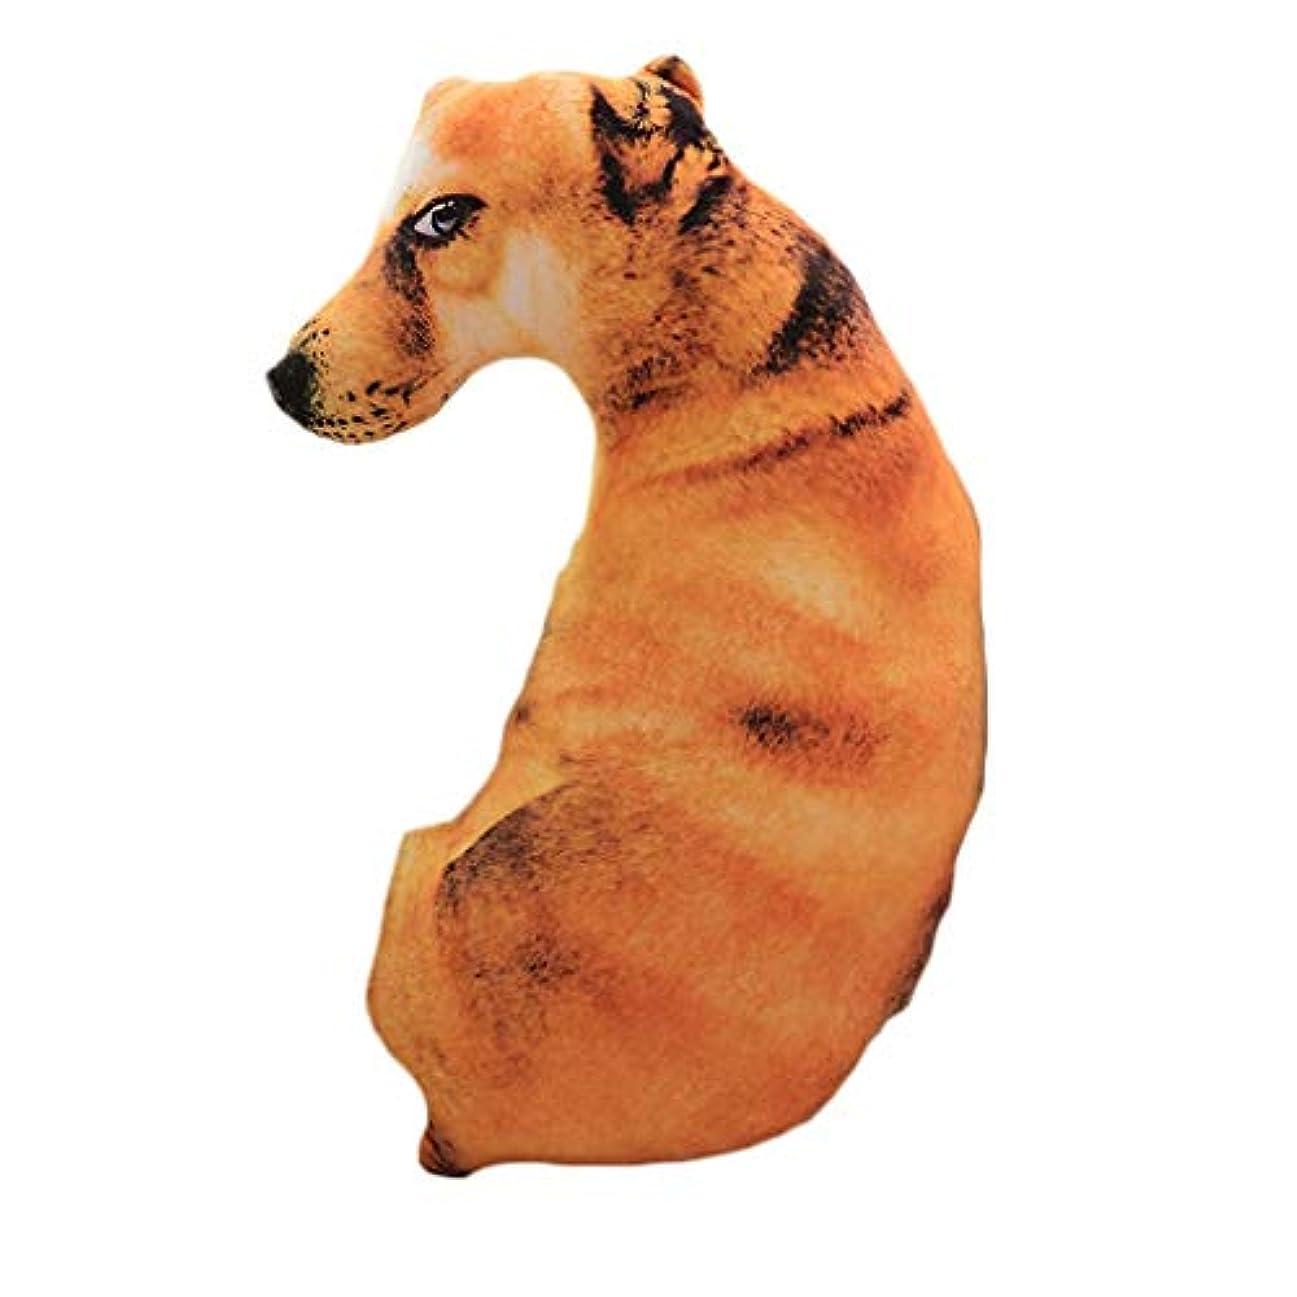 キリンデコレーション満足させるLIFE 装飾クッションソファおかしい 3D 犬印刷スロー枕創造クッションかわいいぬいぐるみギフト家の装飾 coussin decoratif クッション 椅子